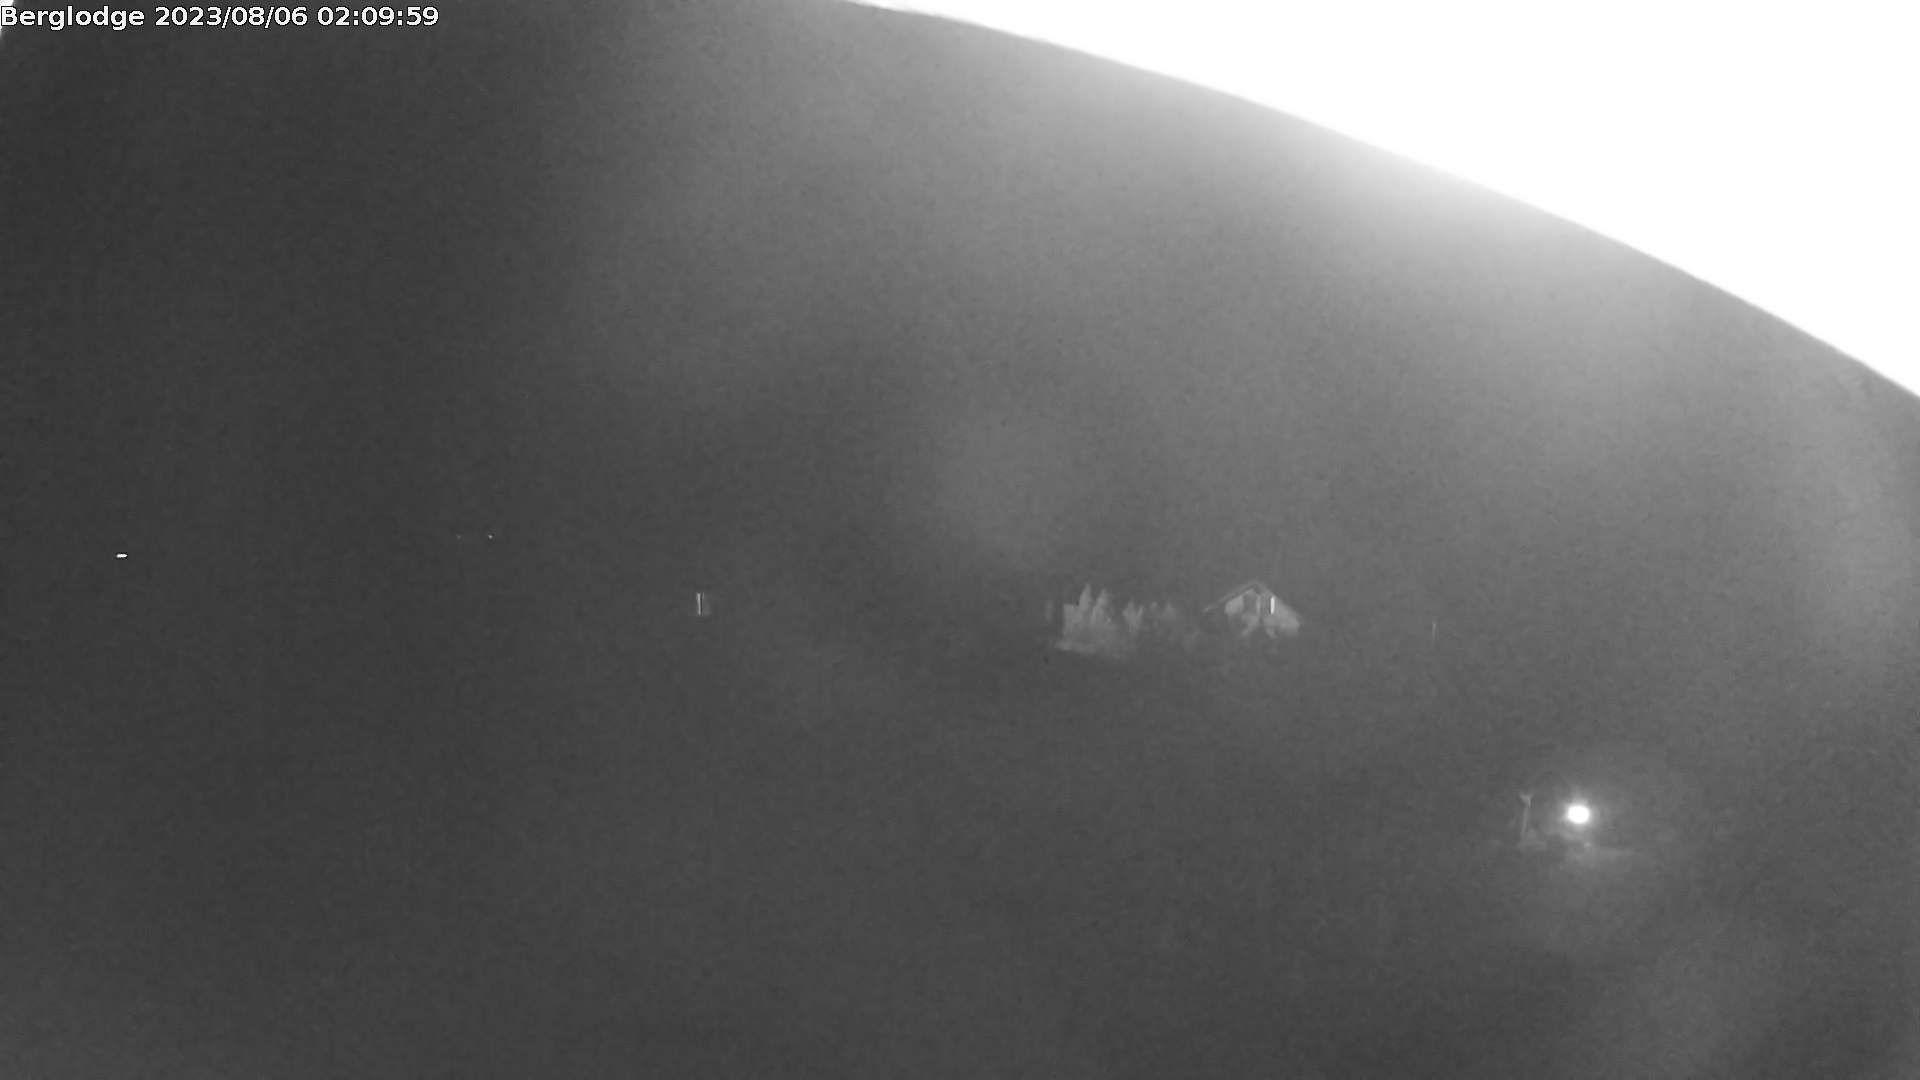 Innertkirchen: Hotel Steingletscher - Blick zur Steinalp Lodge und Giglistock